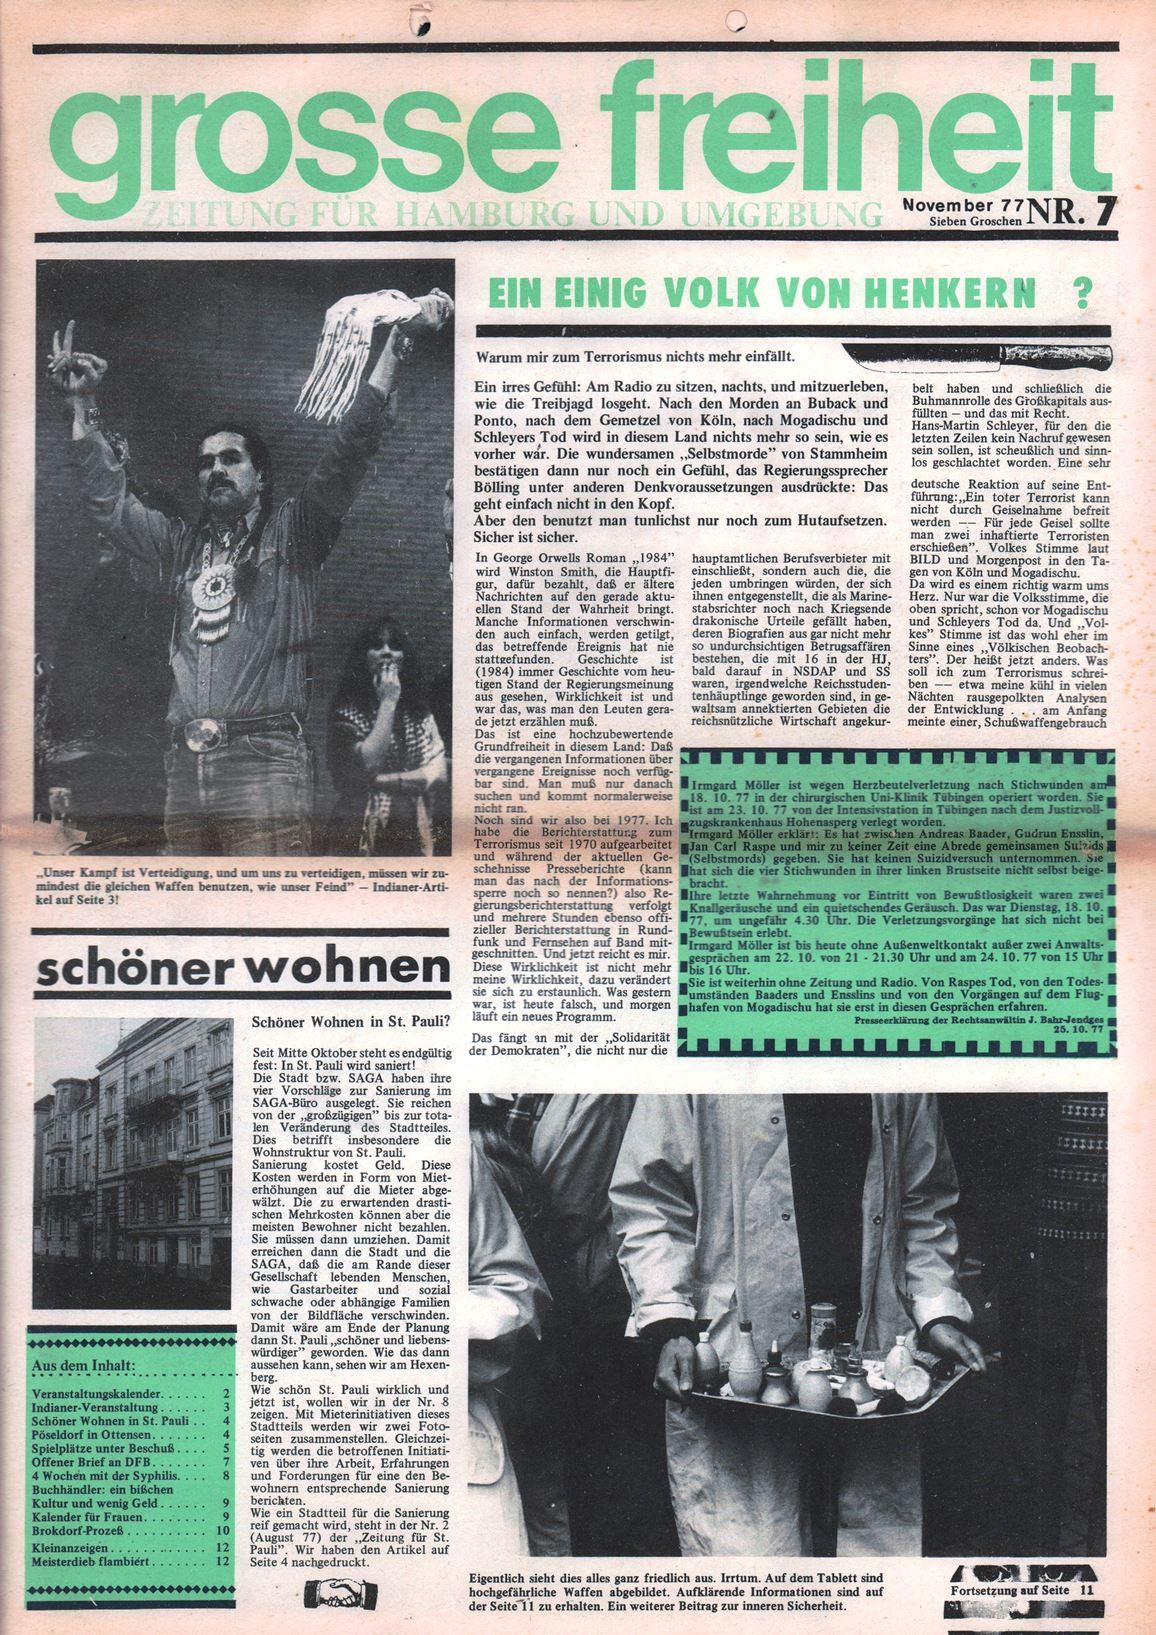 Hamburg_Grosse_Freiheit091